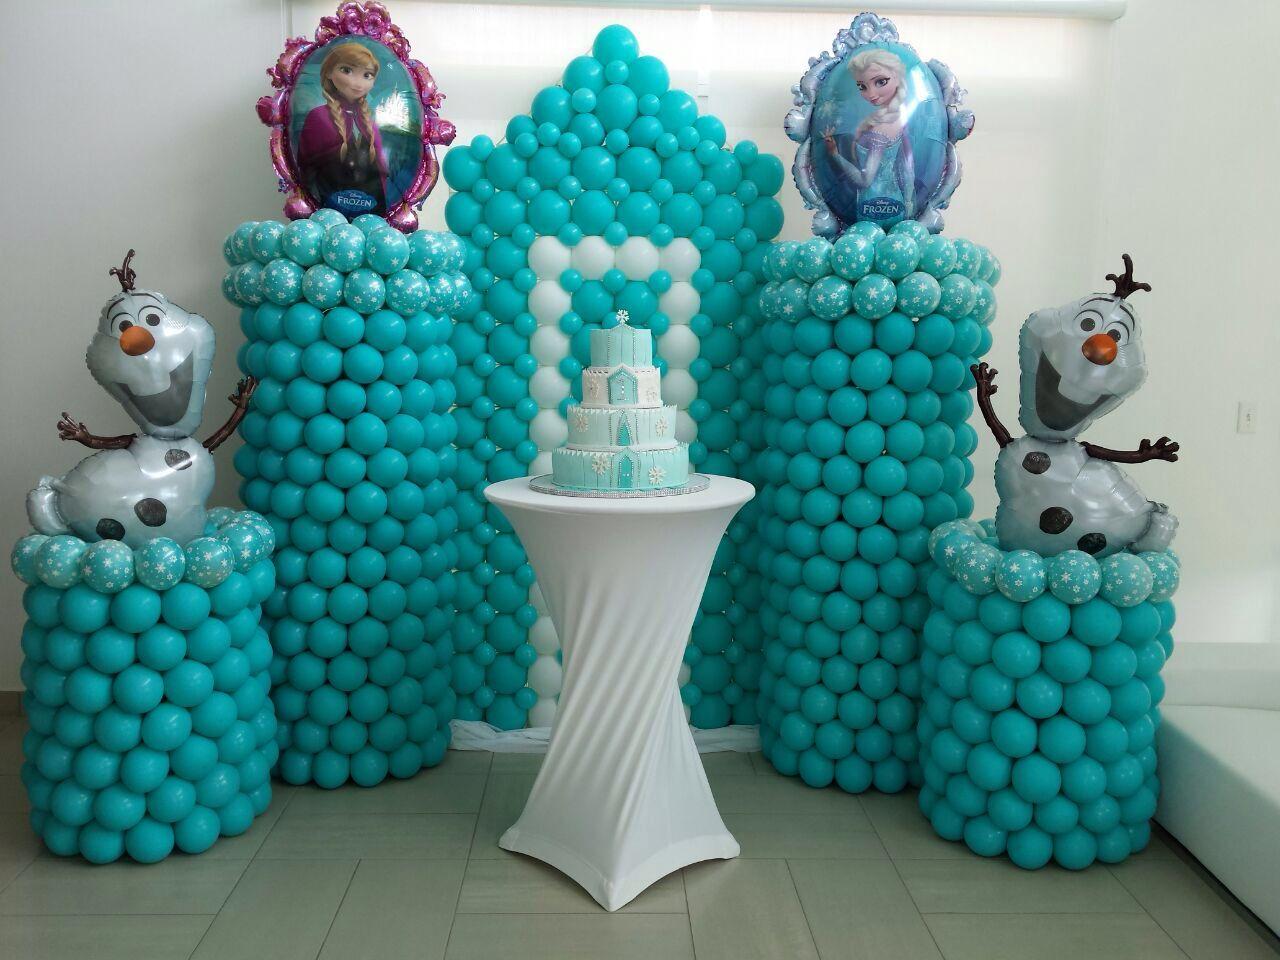 Decoraci n con globos frozen frozen balloon decoration - Decorar con globos ...